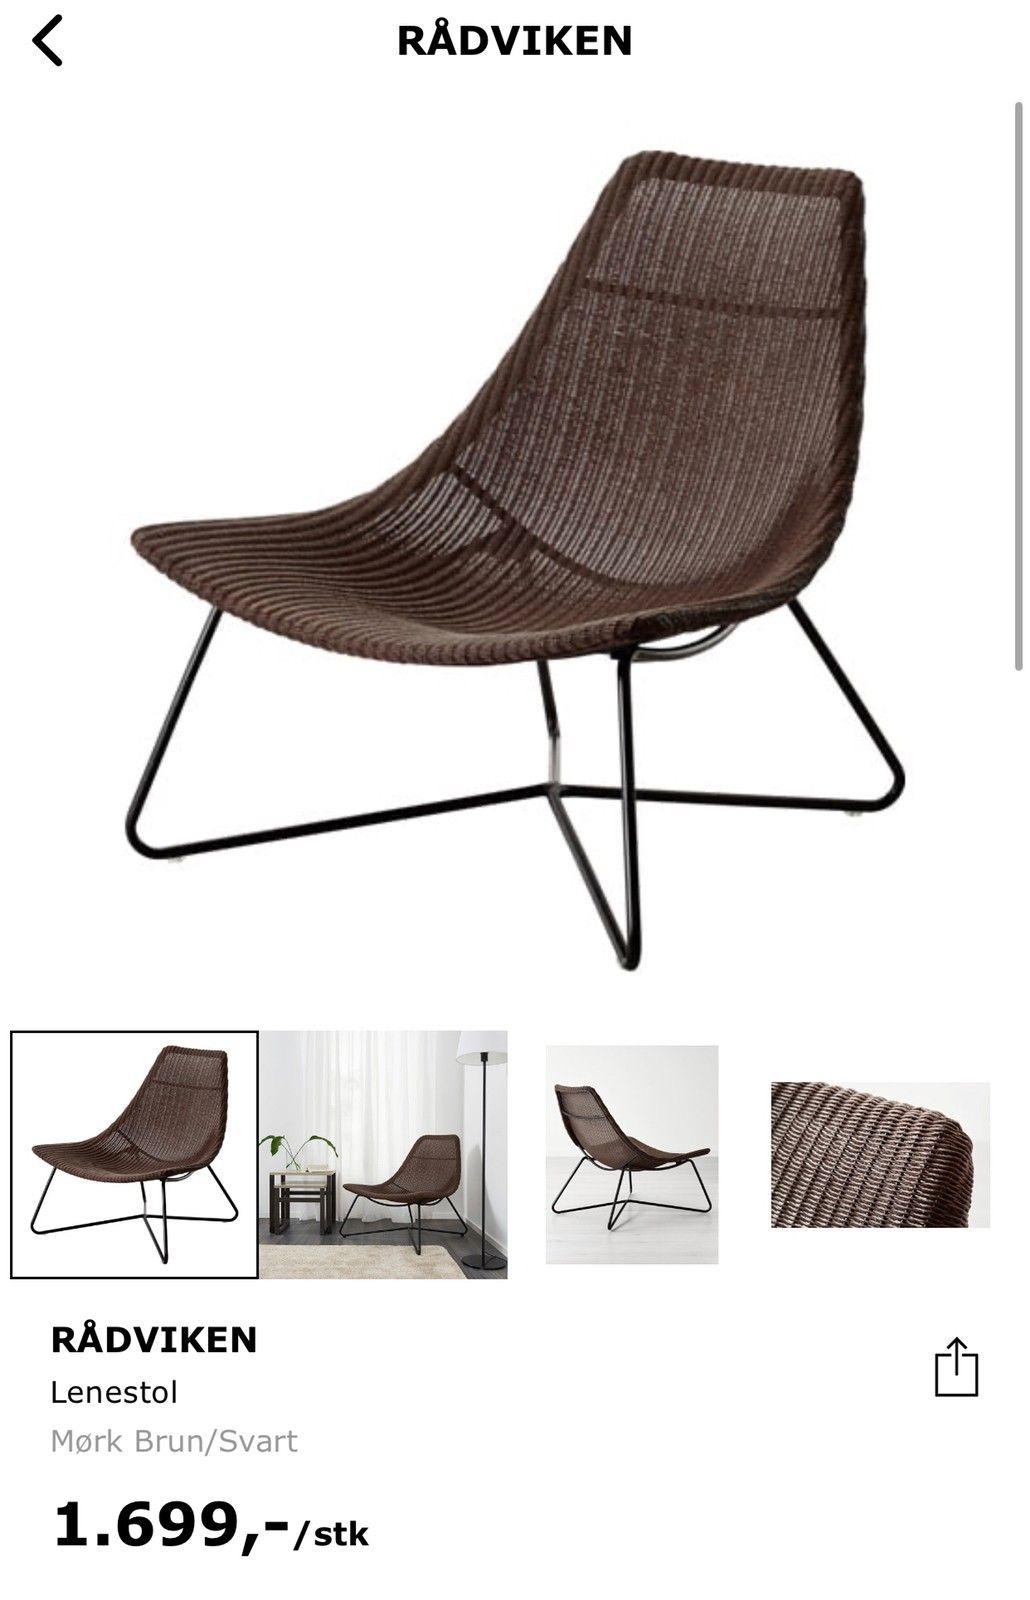 Rådviken lenestol fra IKEA | FINN.no